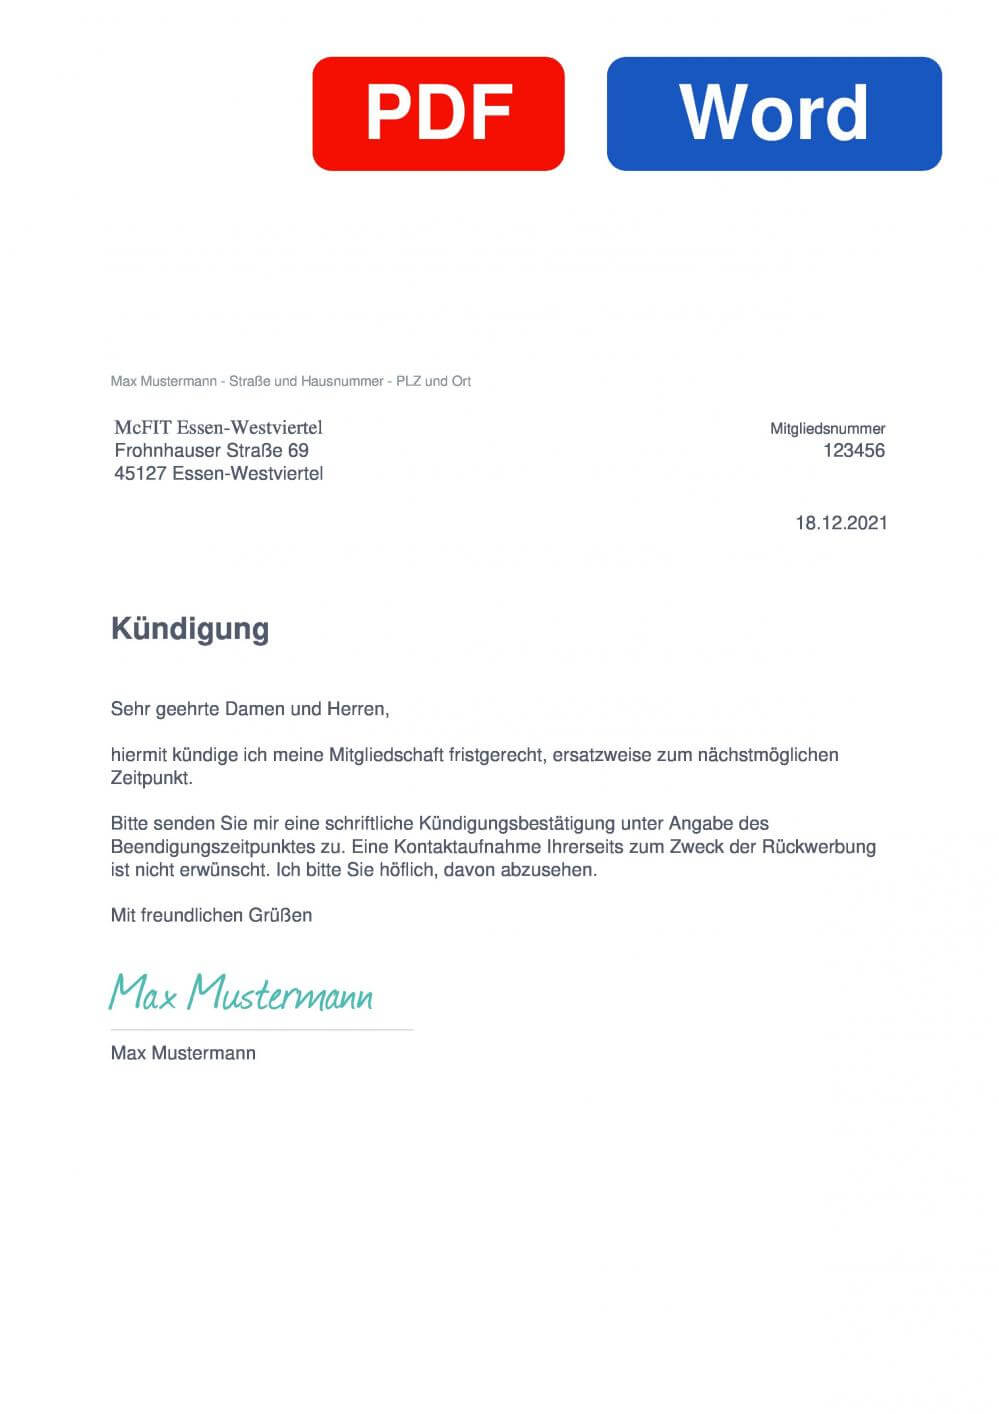 McFIT Essen-Westviertel Muster Vorlage für Kündigungsschreiben